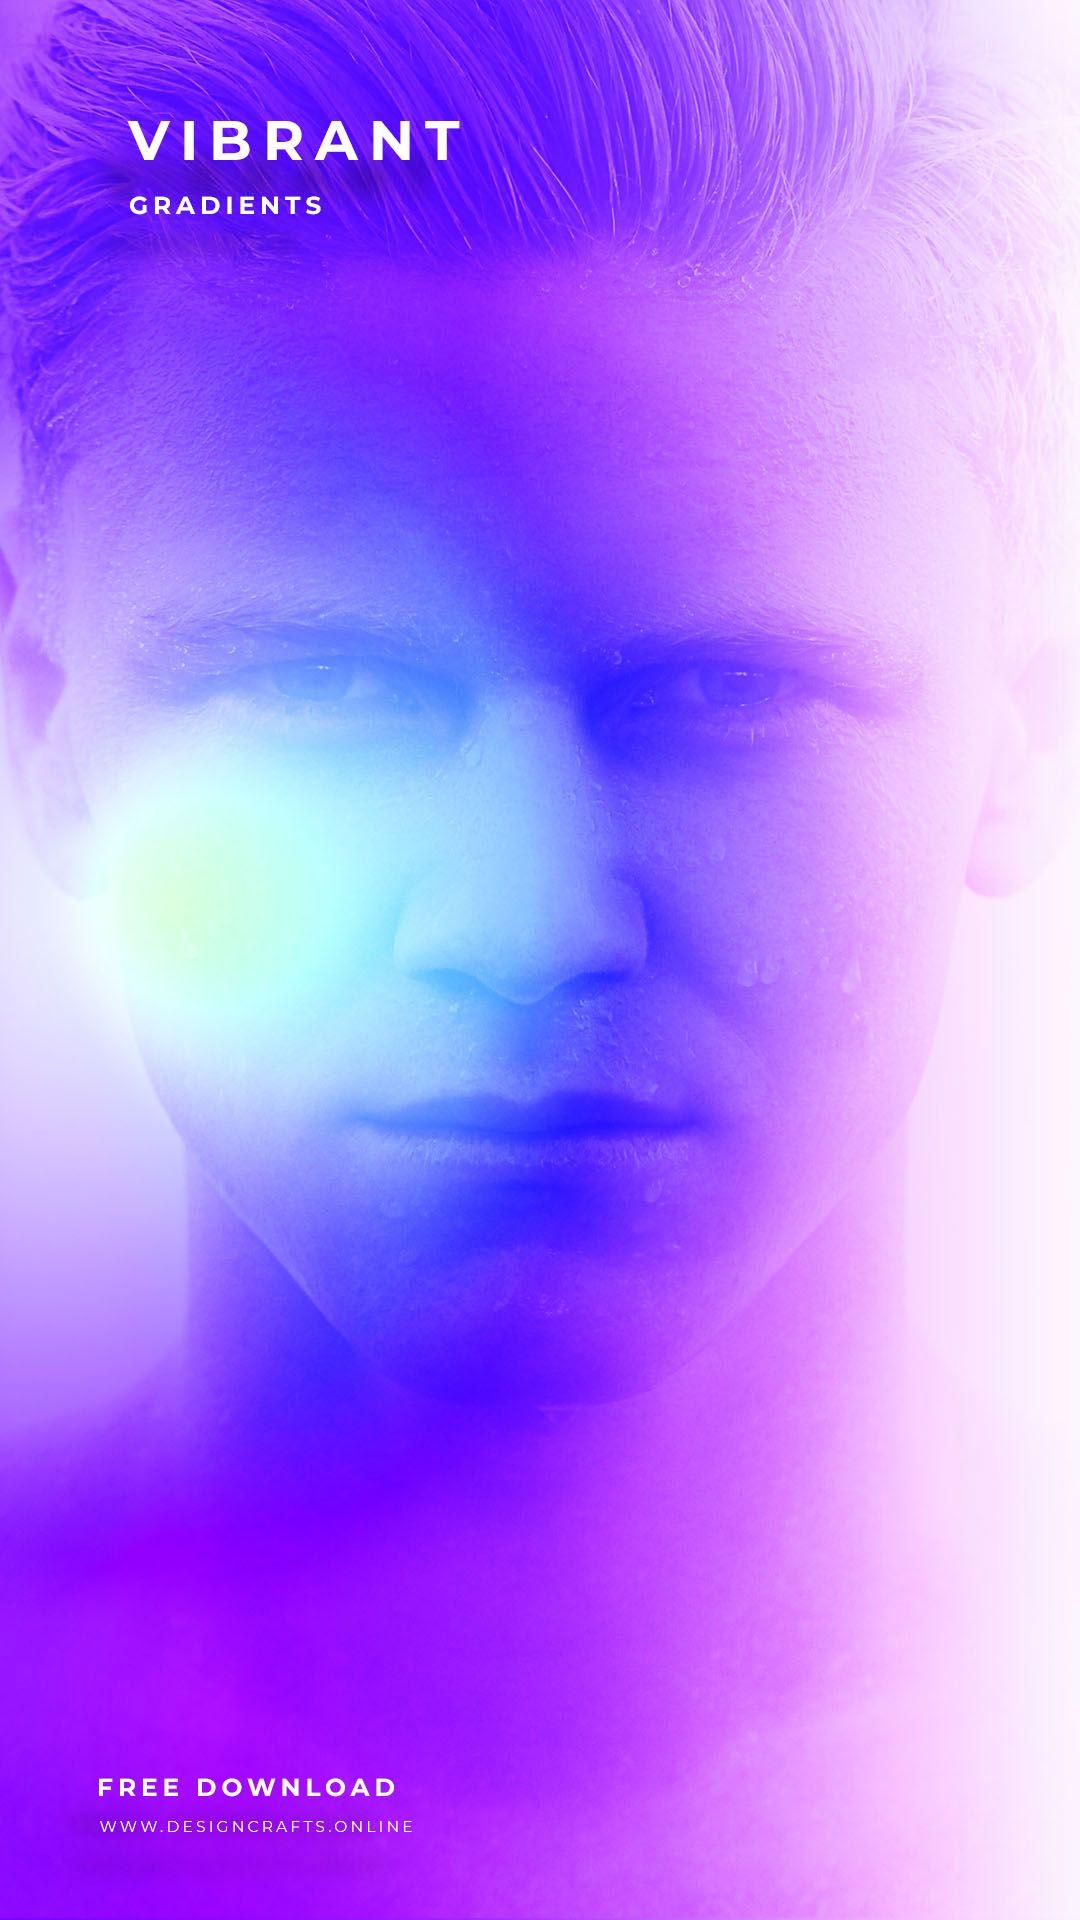 15 Blur Vibrant Gradient Backgrounds Free Download Blur Blurredbackground Gradient Holographic Vibrant Gradient Background Backgrounds Free Gradient